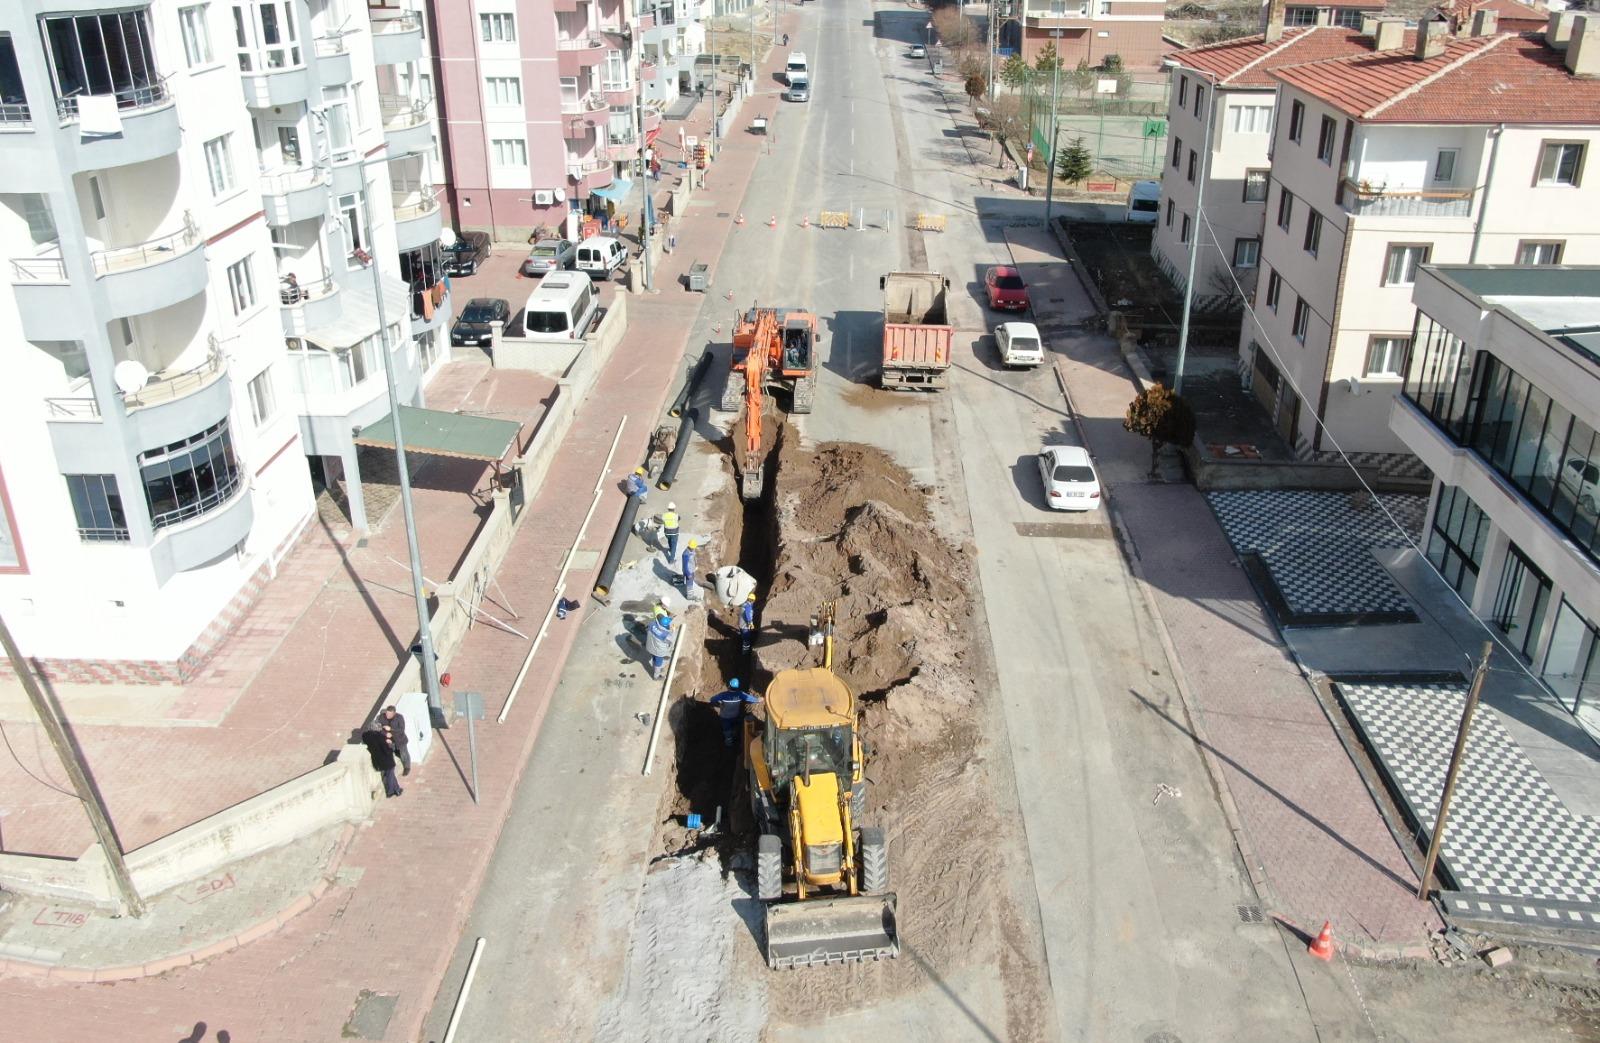 İncesu İlçesi, Gönenkent Mahallesi Karamustafa Paşa Bulvarı üzerinde bulunan ekonomik ömrünü tamamlamış hatlarımızı yeniliyoruz.